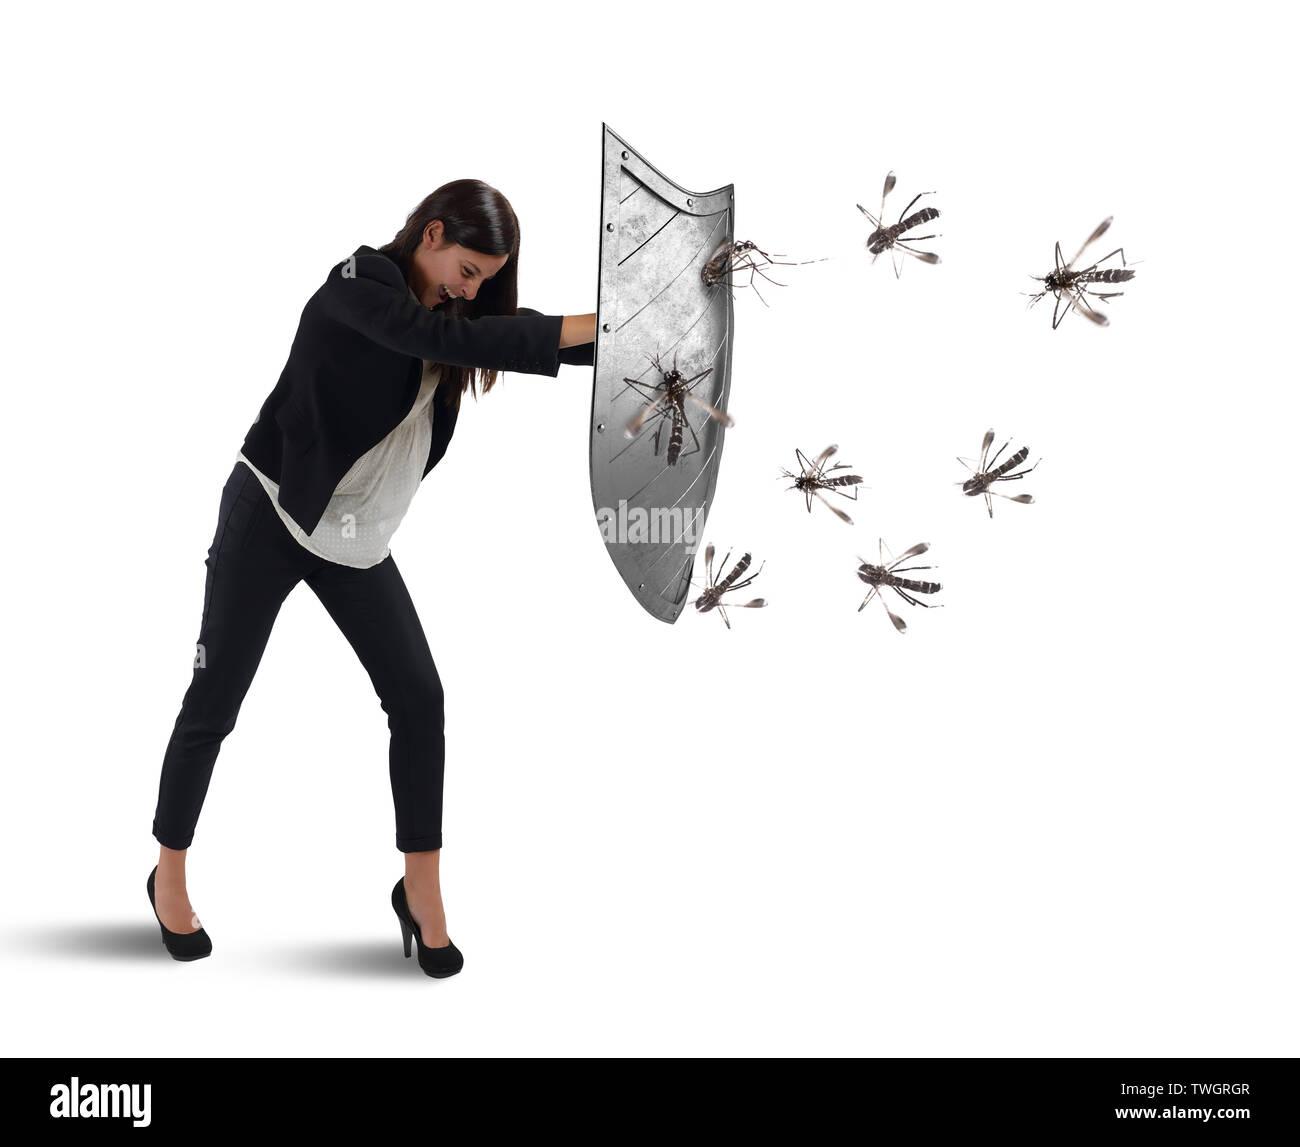 Frau wehrt sich vor dem Angriff der Moskitos mit einem Schild Stockbild